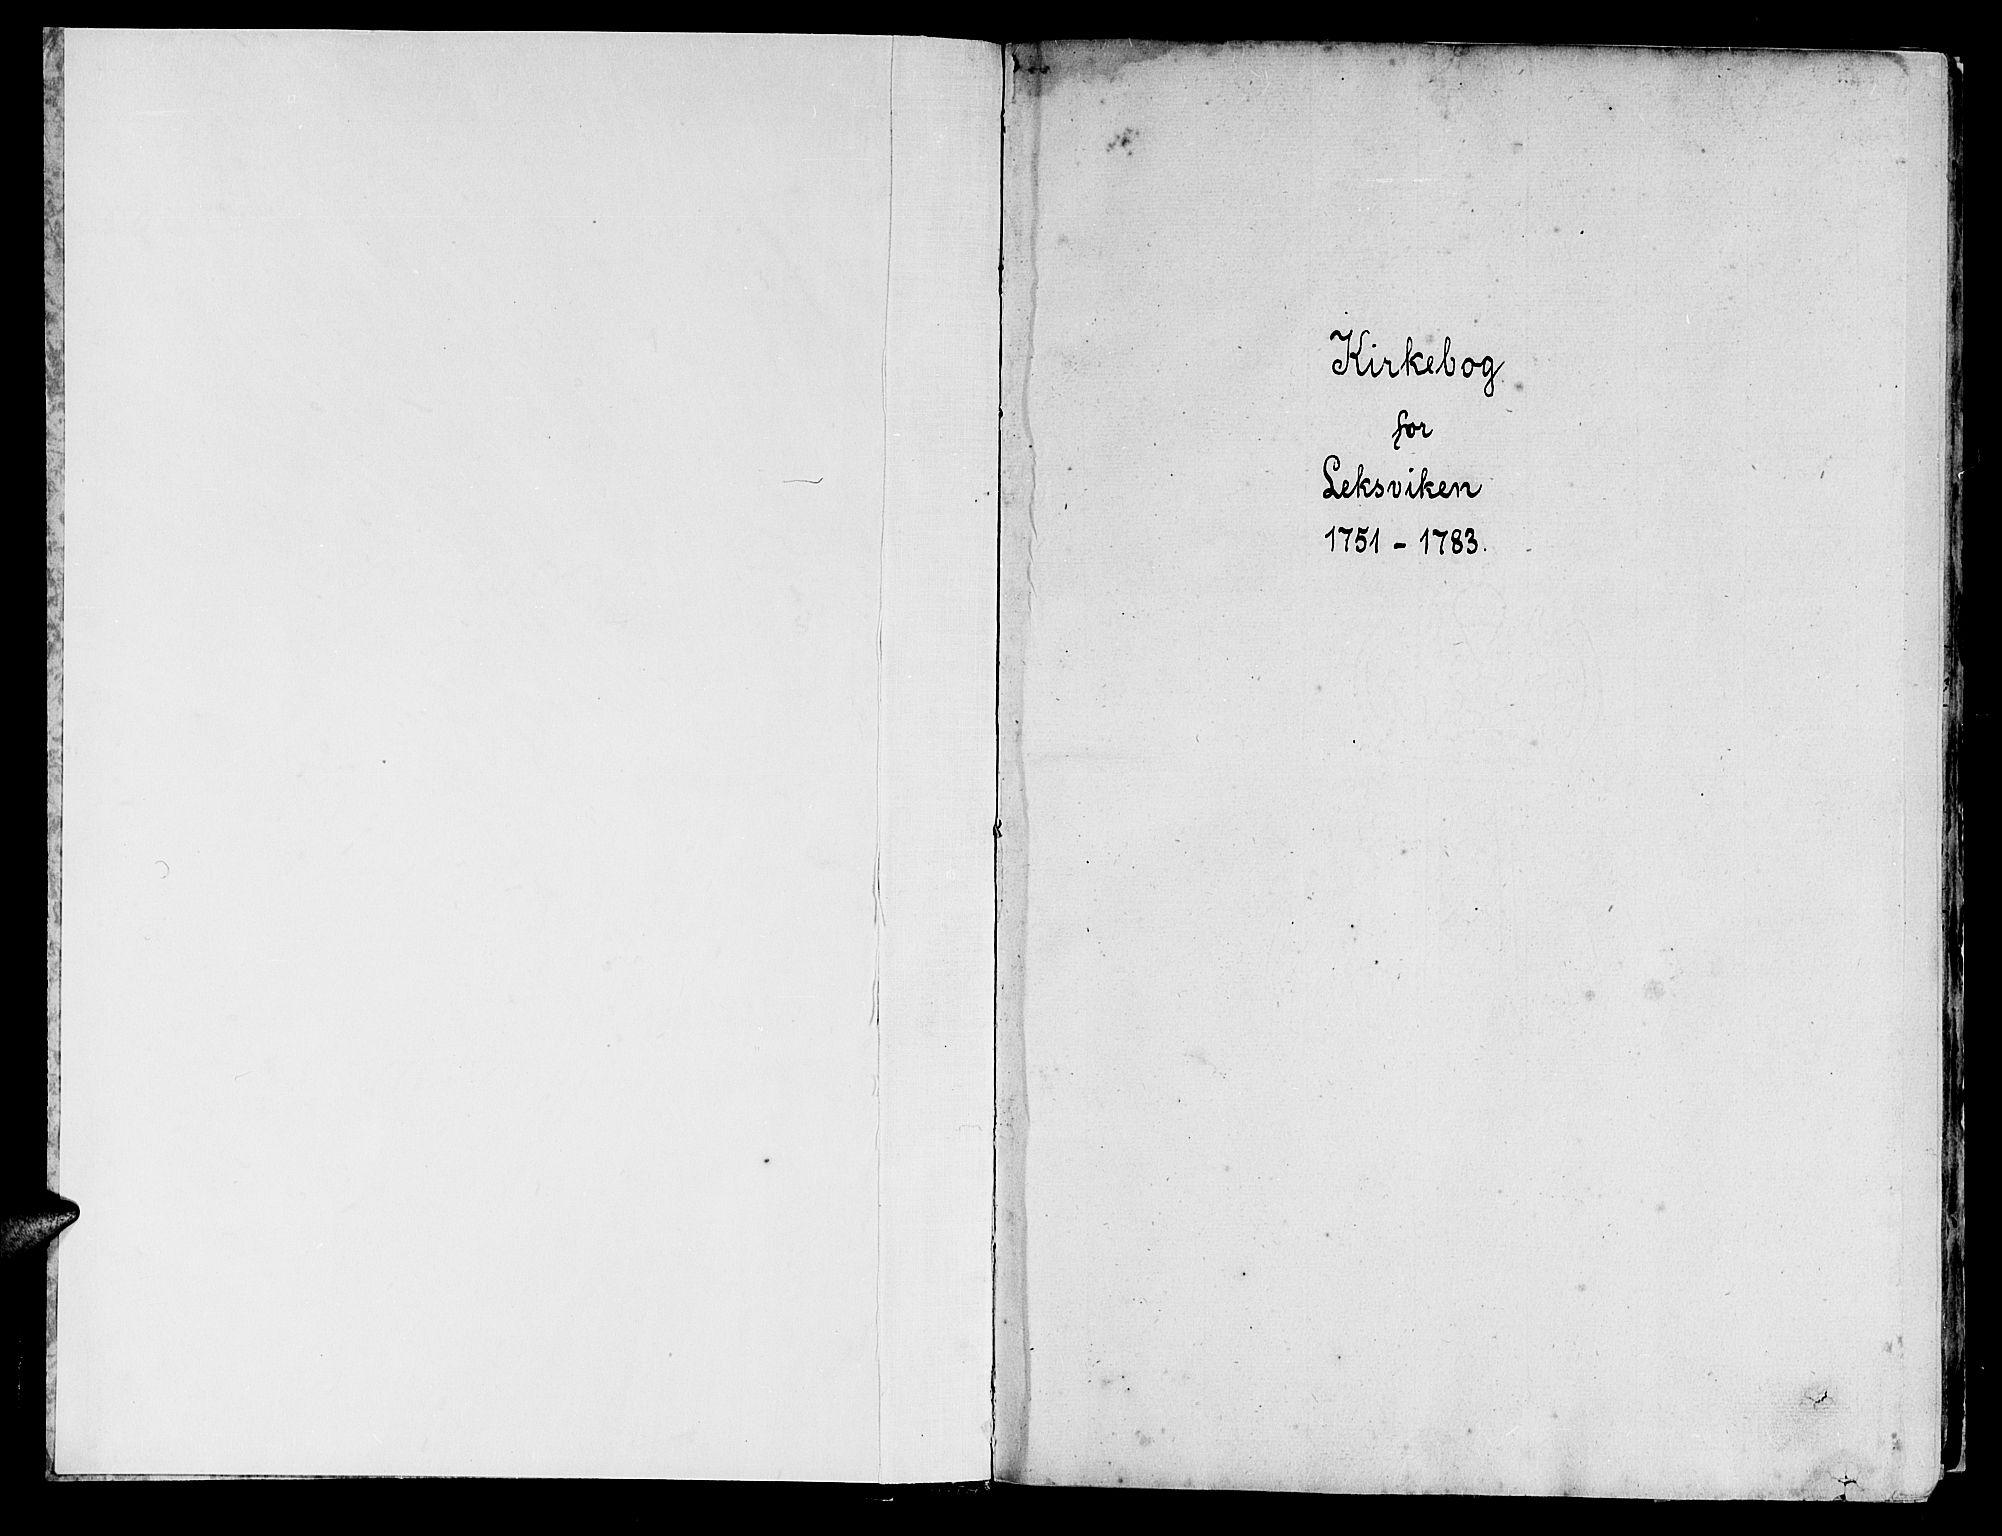 SAT, Ministerialprotokoller, klokkerbøker og fødselsregistre - Nord-Trøndelag, 701/L0003: Ministerialbok nr. 701A03, 1751-1783